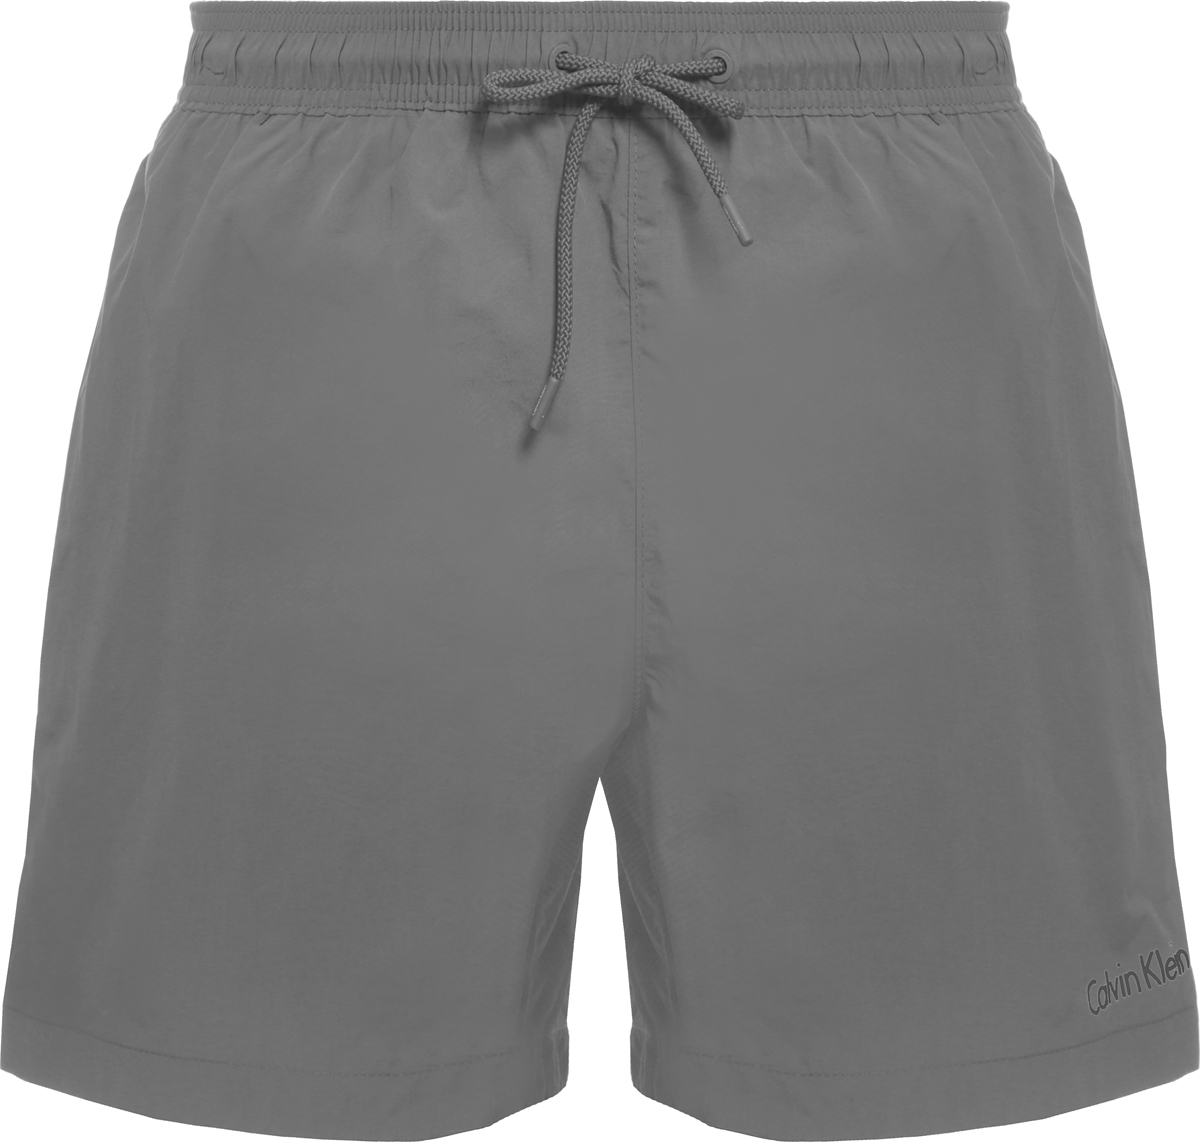 Шорты_купальные_мужские_Calvin_Klein_Underwear_выполнены_из_полиамида._Модель_дополнена_затягивающимся_шнурком.